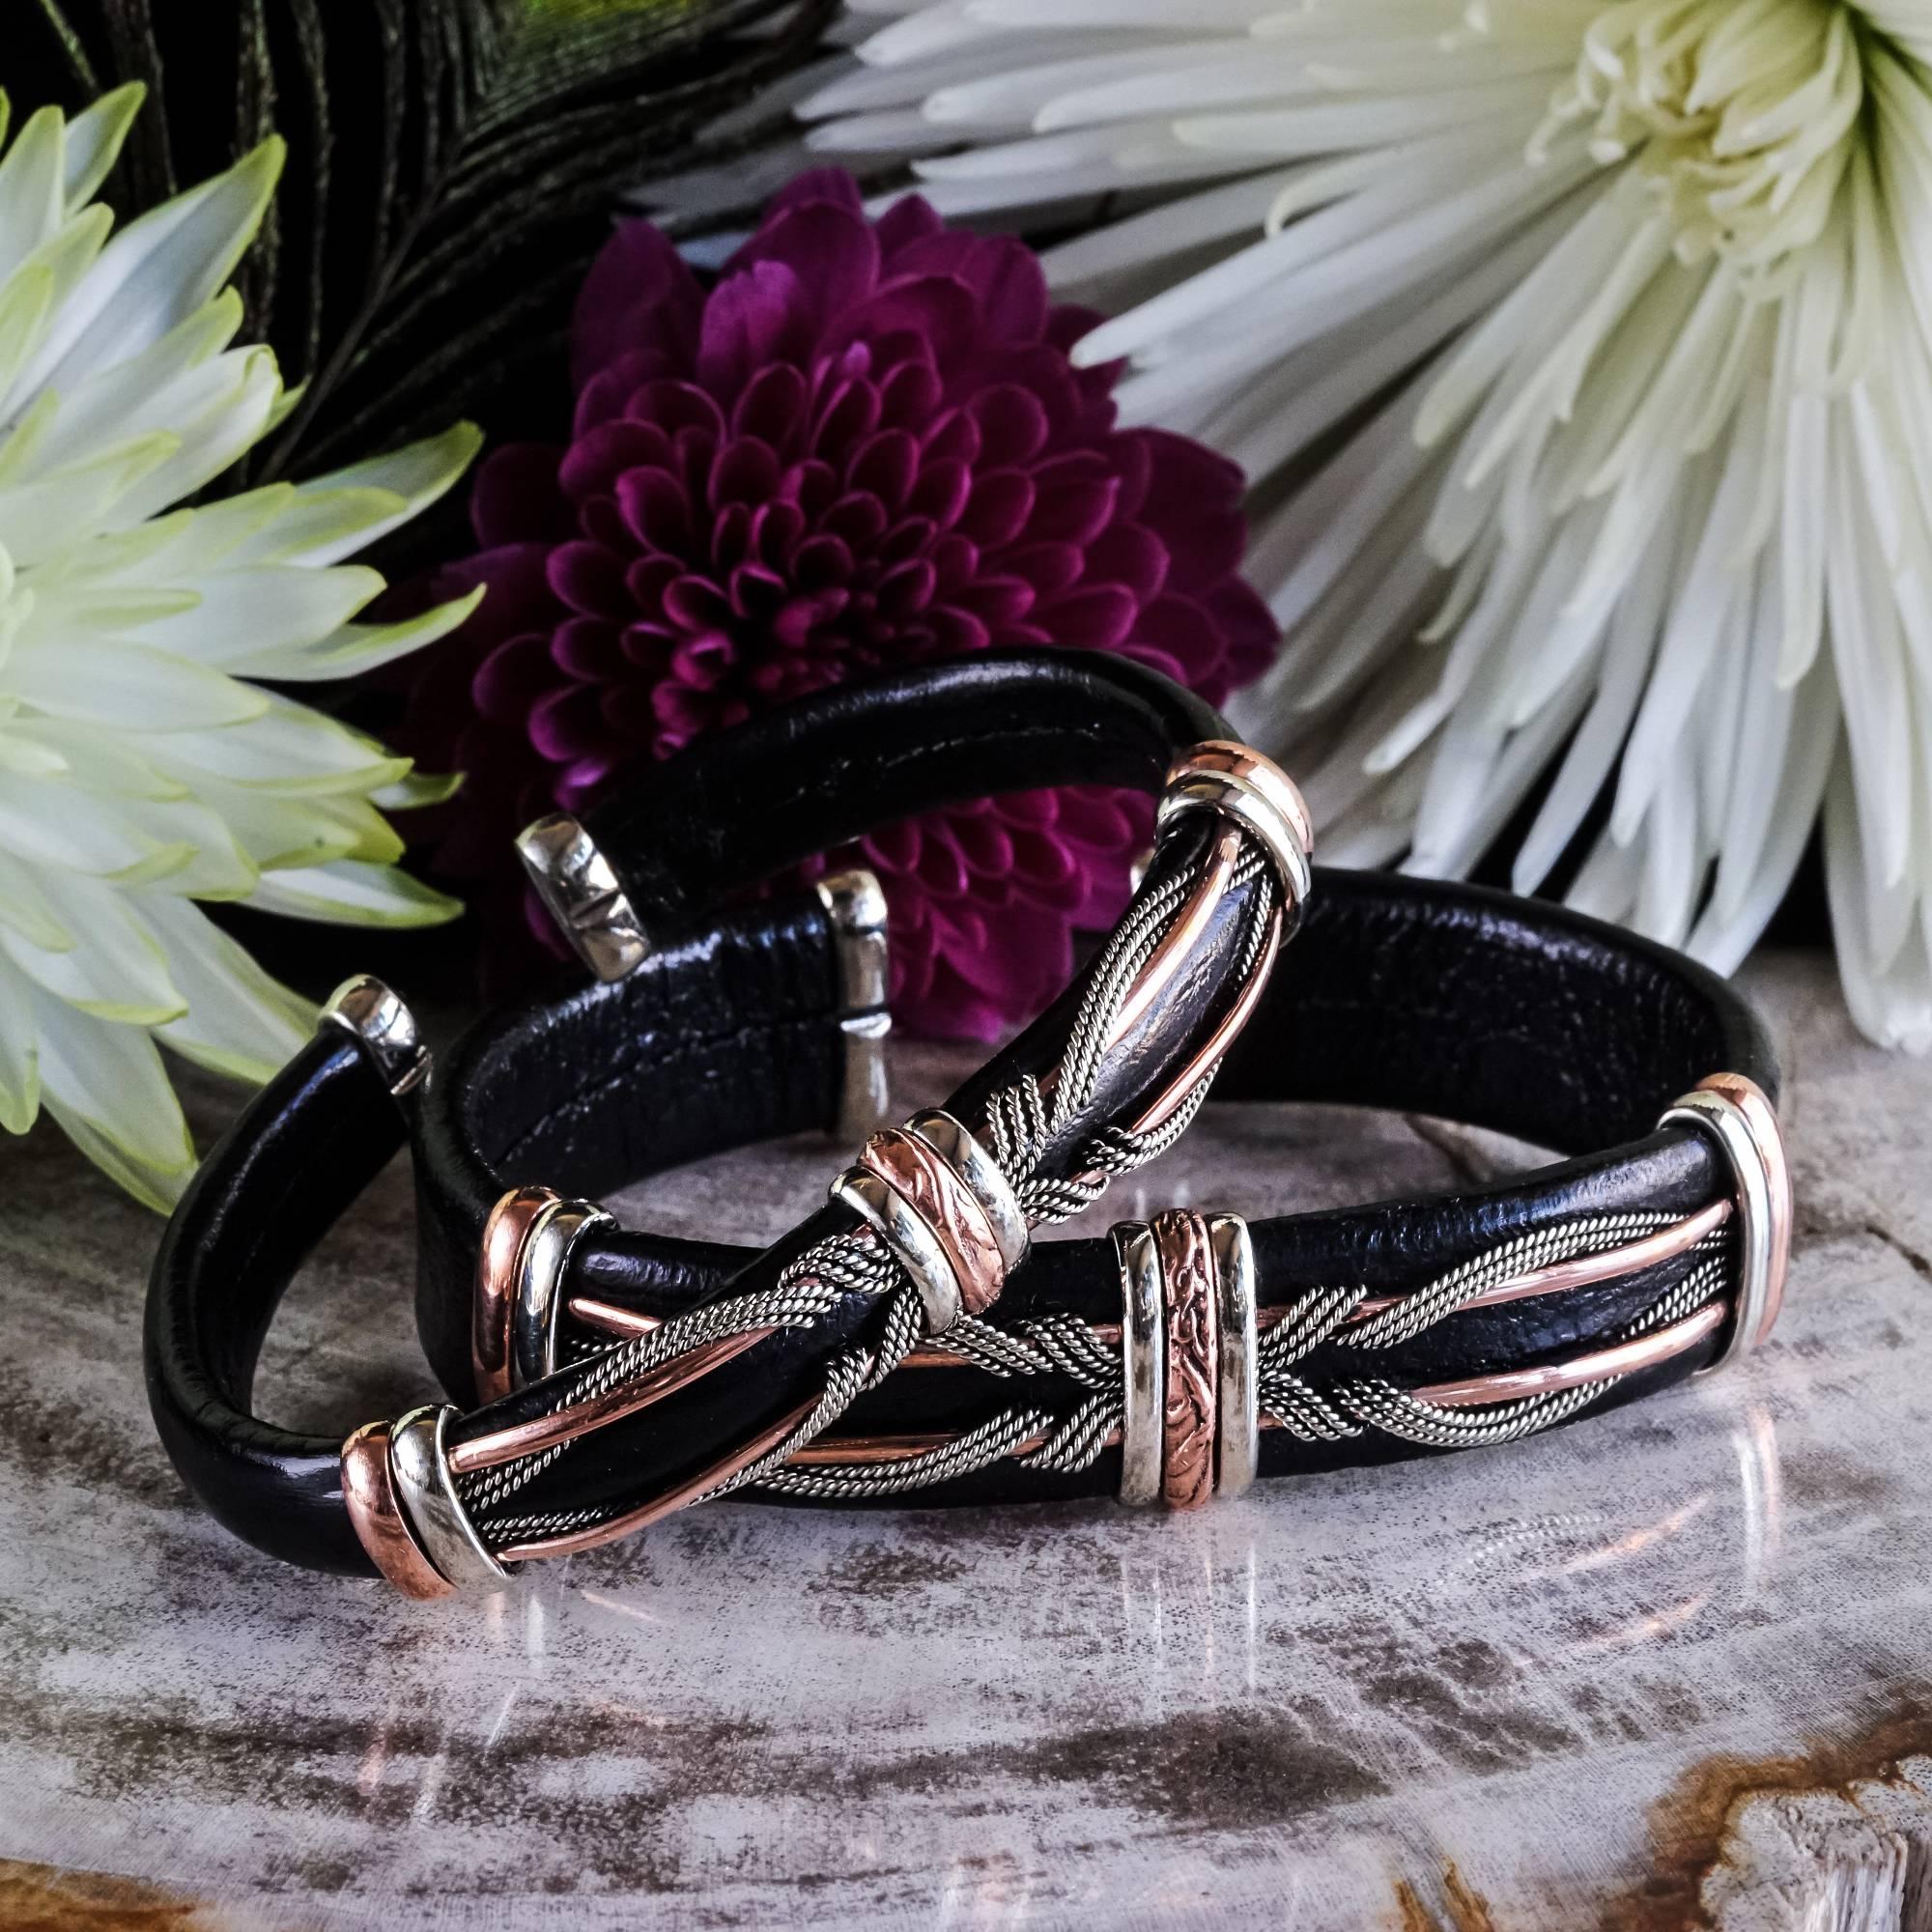 Copper healing bracelets